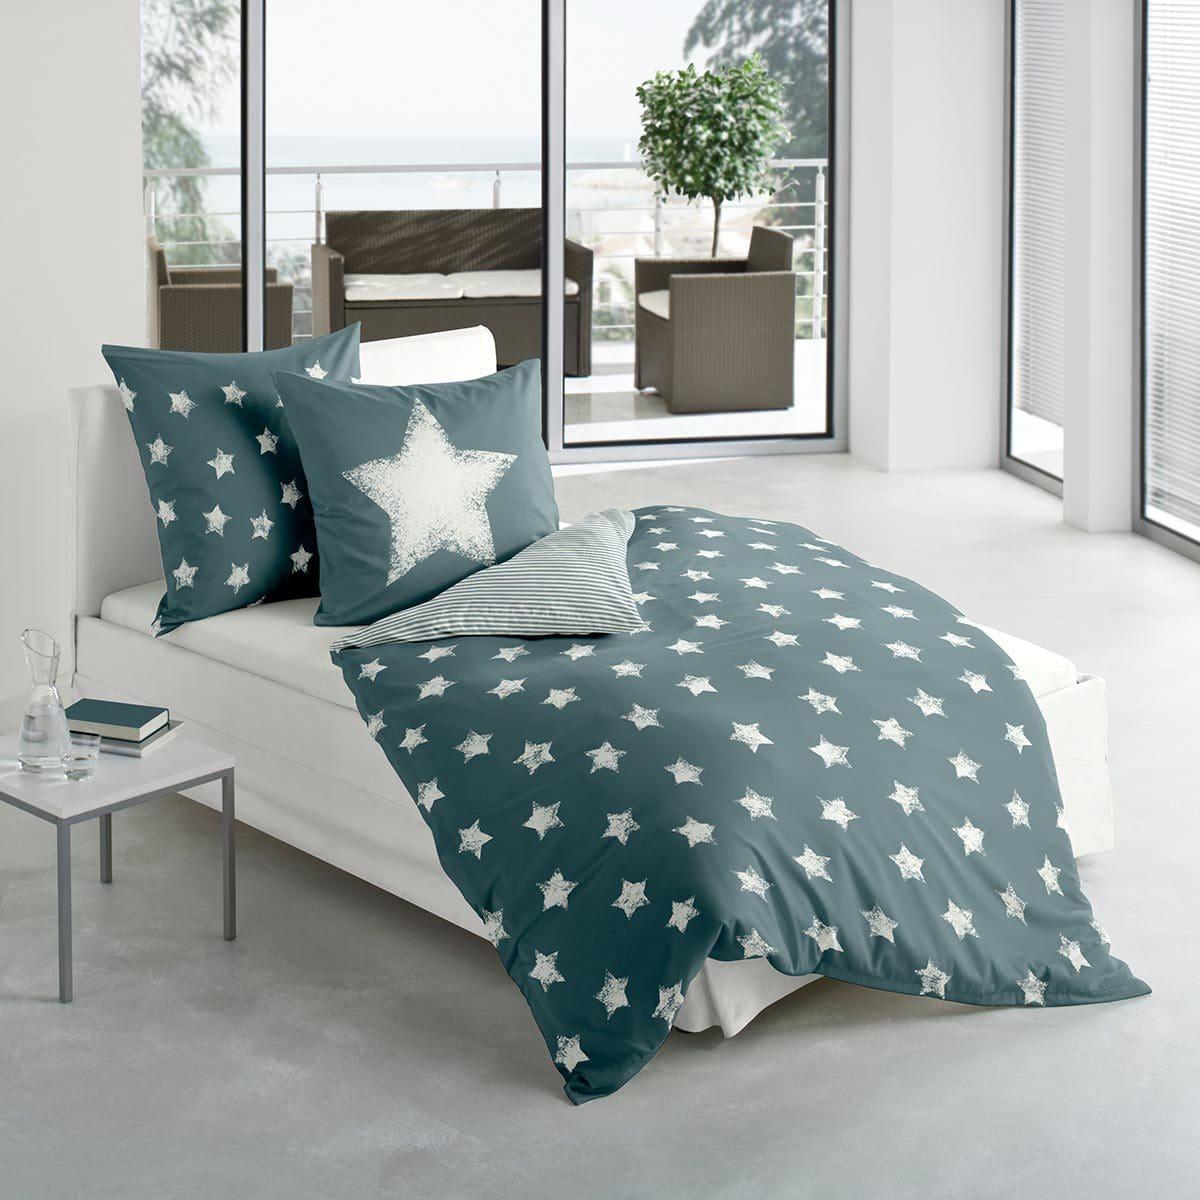 bierbaum biber wendebettw sche sterne ozean g nstig online. Black Bedroom Furniture Sets. Home Design Ideas